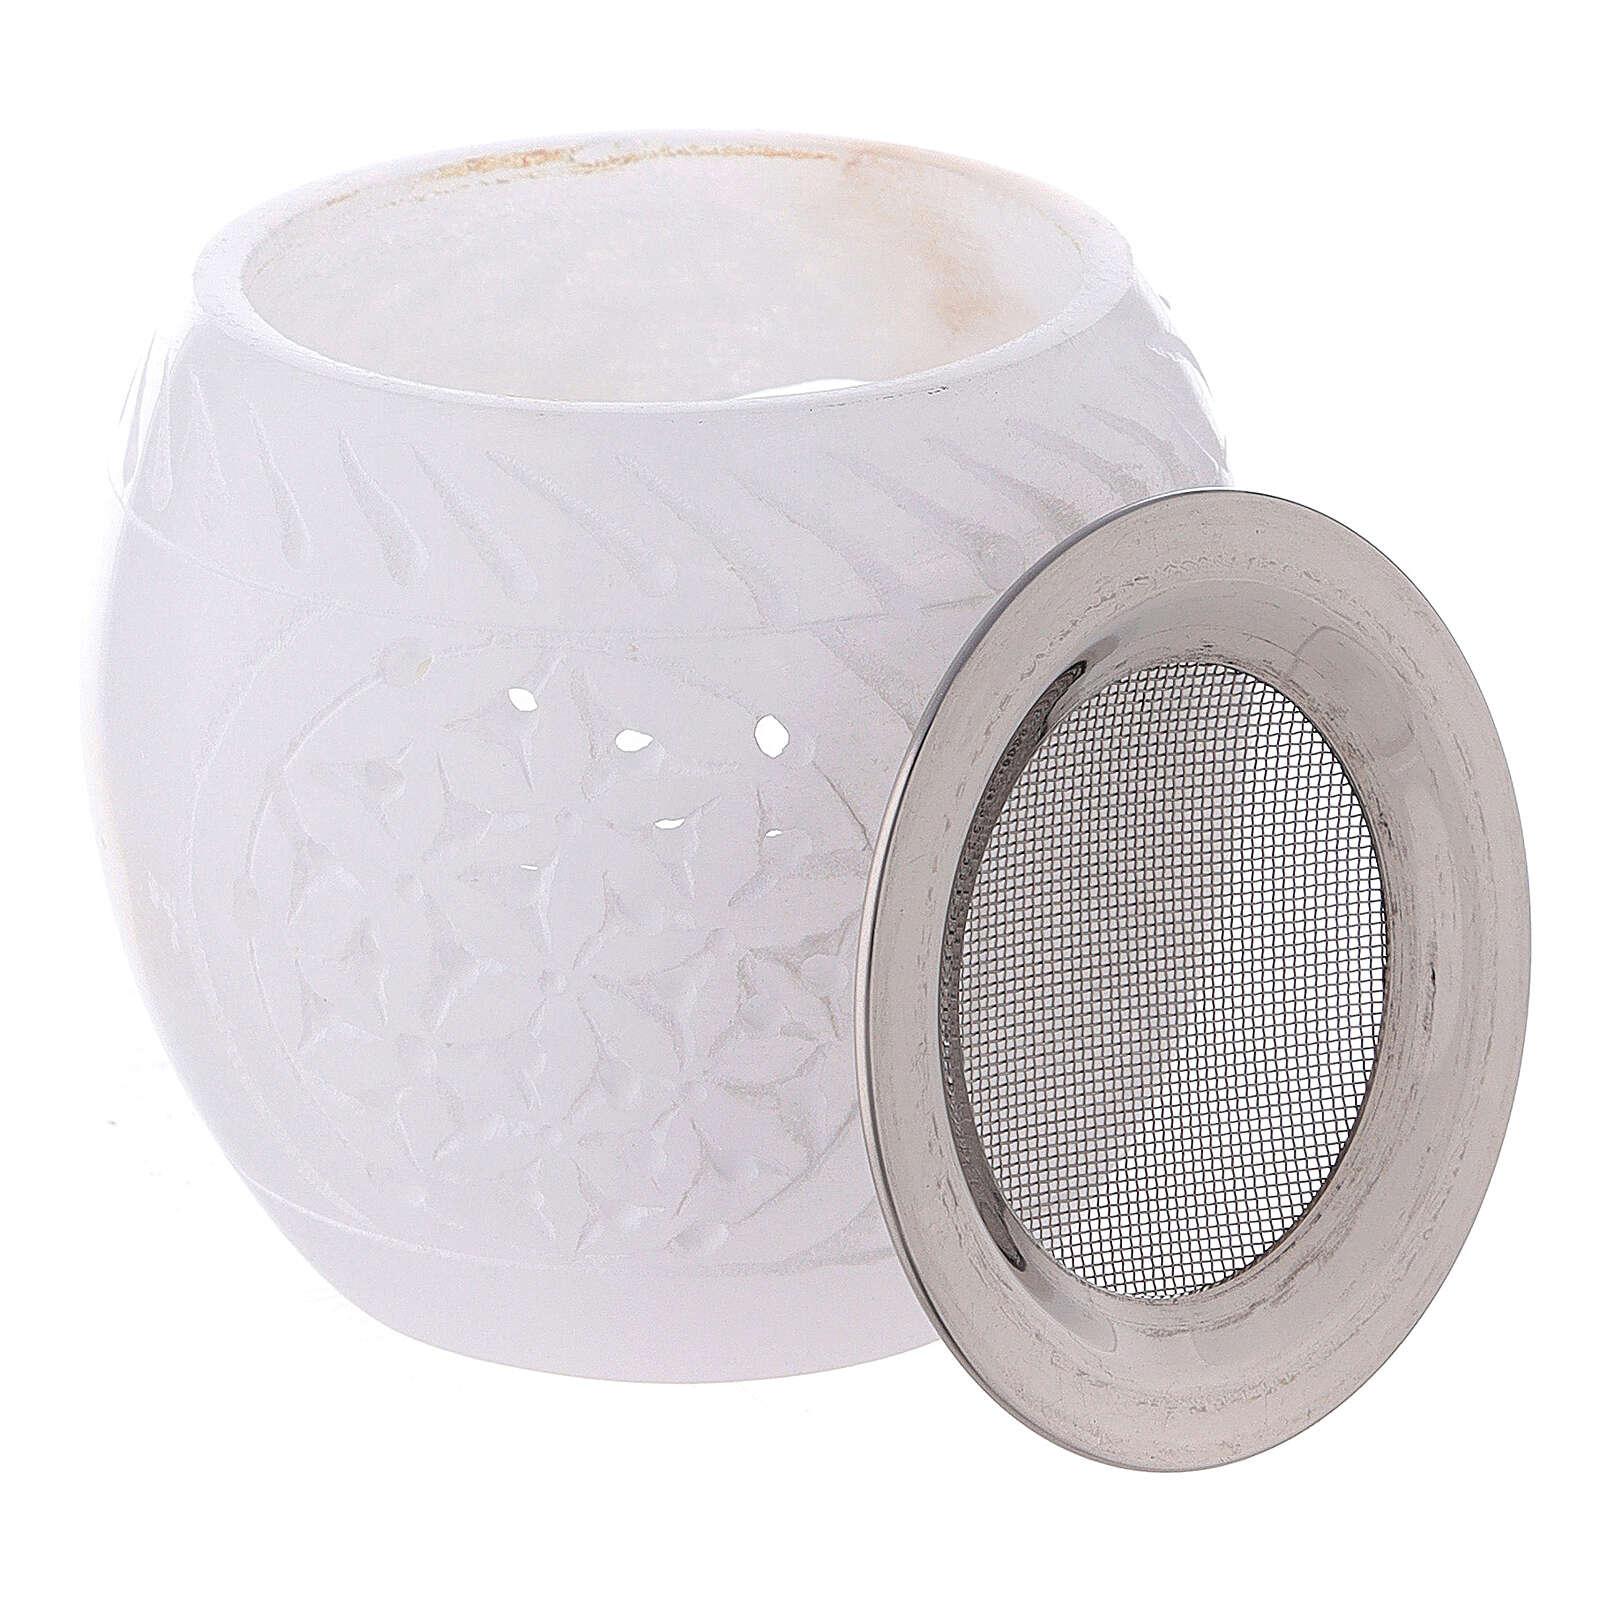 Oriental oval incense burner in white soapstone 3 in 3